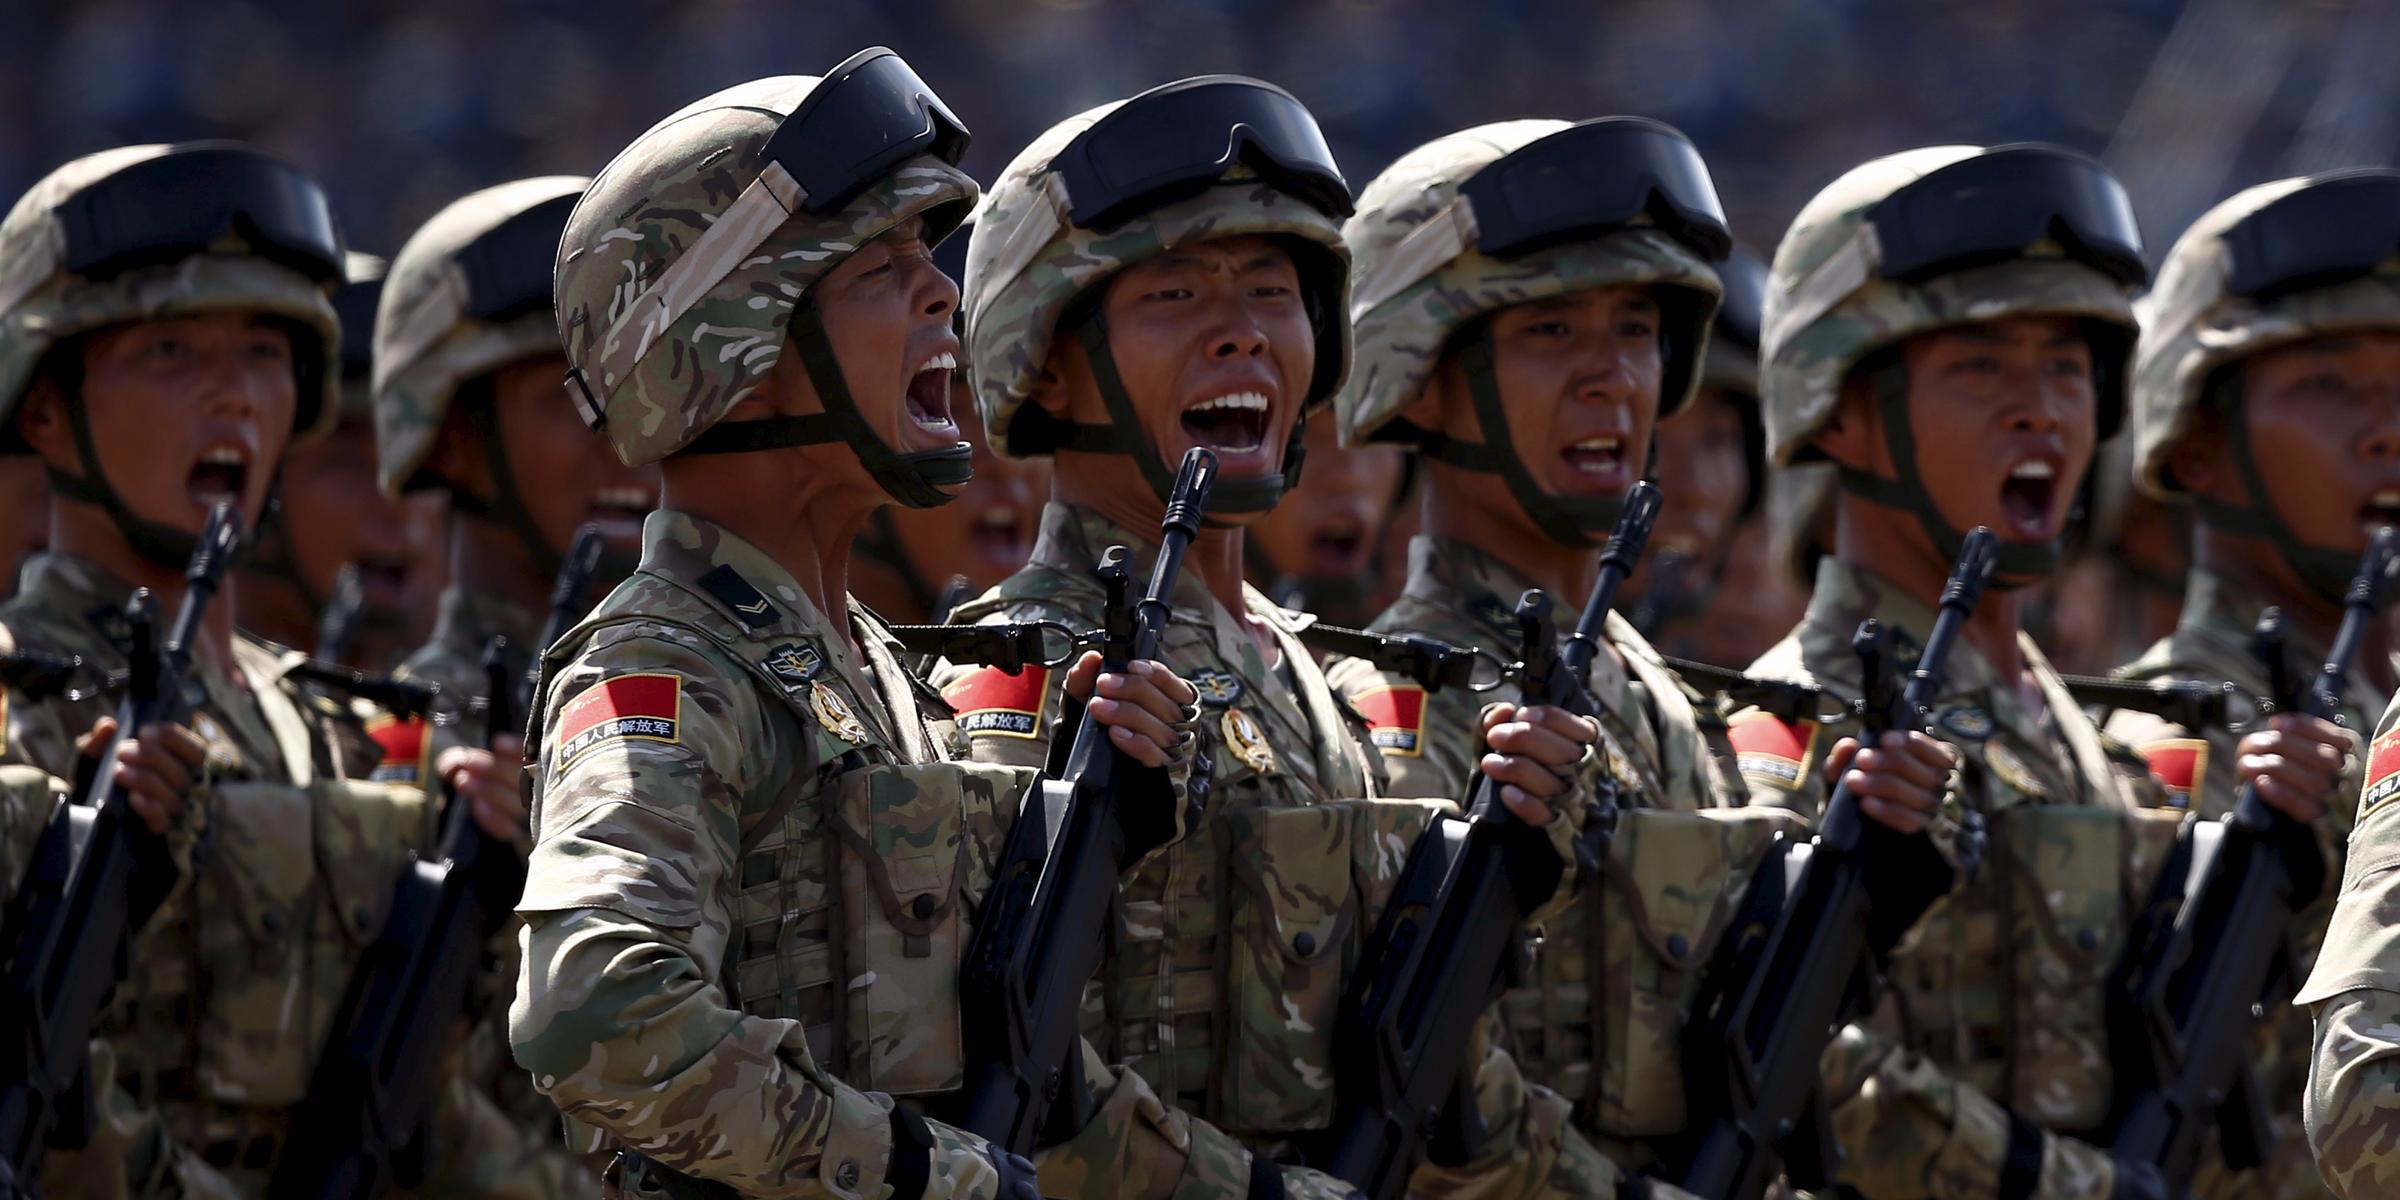 guerra - ¿Qué podría desatar una guerra entre China y la India? Rtx1qur2